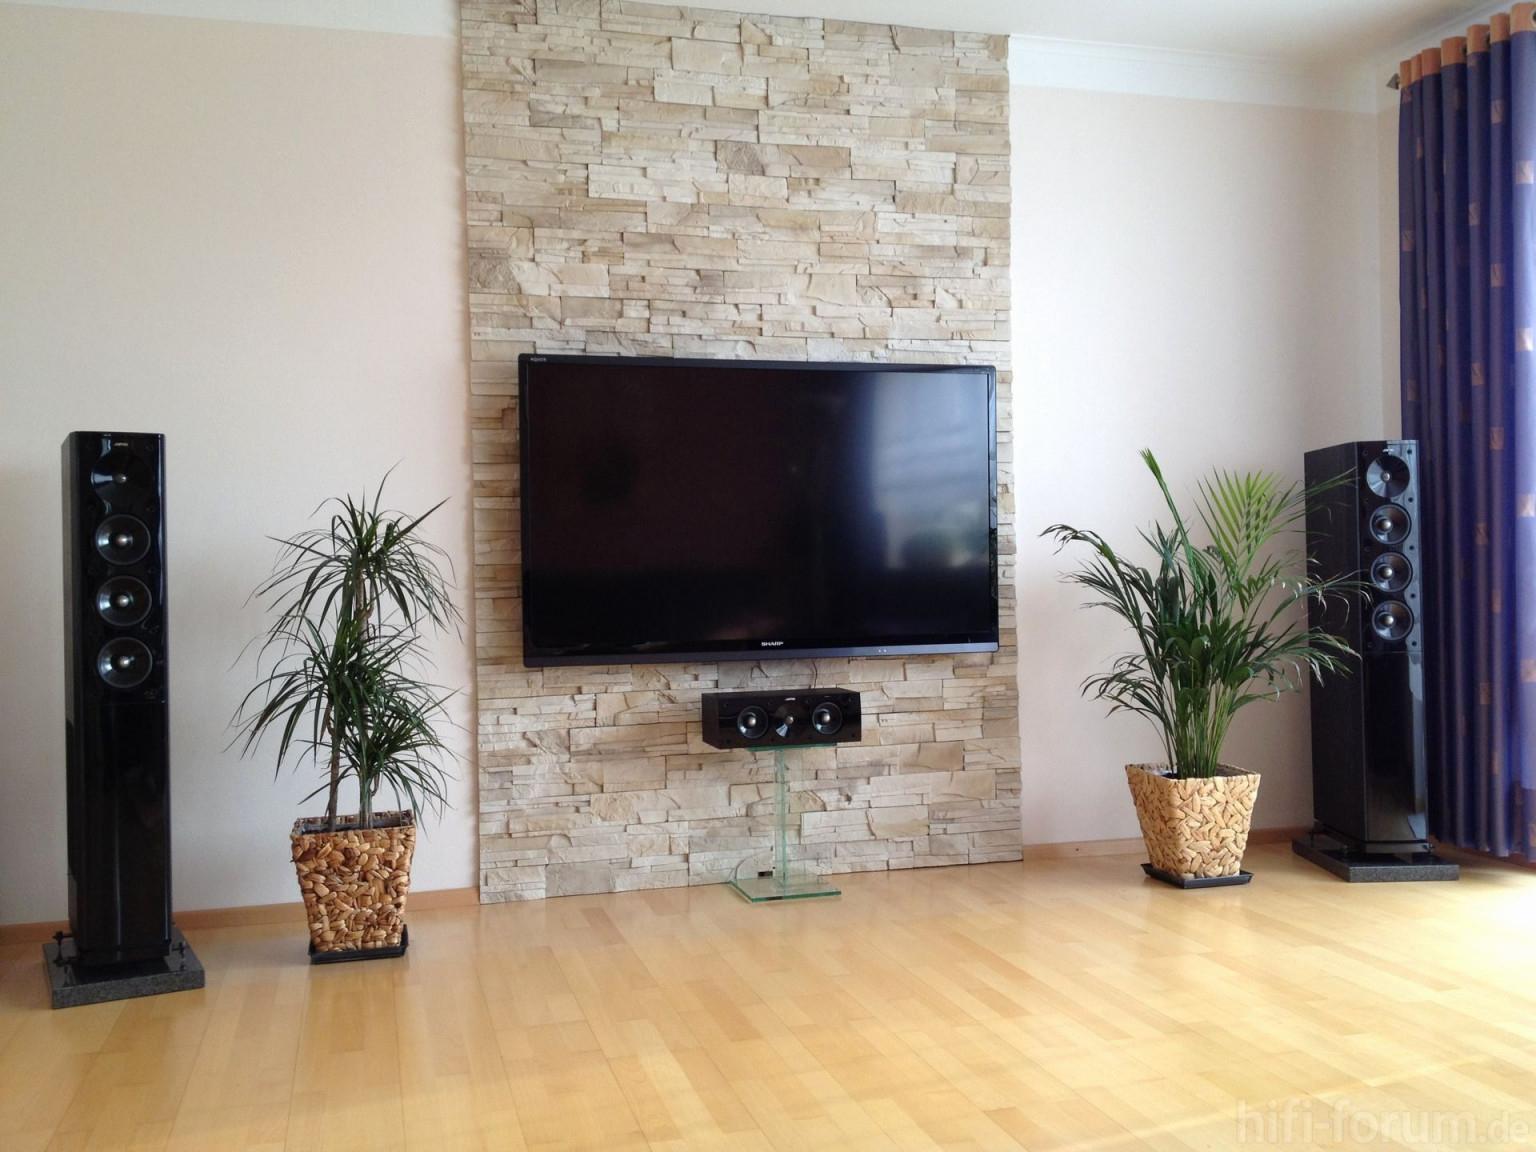 Konzept 43 Zum Fernsehwand Selber Bauen Wohnzimmer von Wohnzimmer Fernsehwand Gestalten Bild